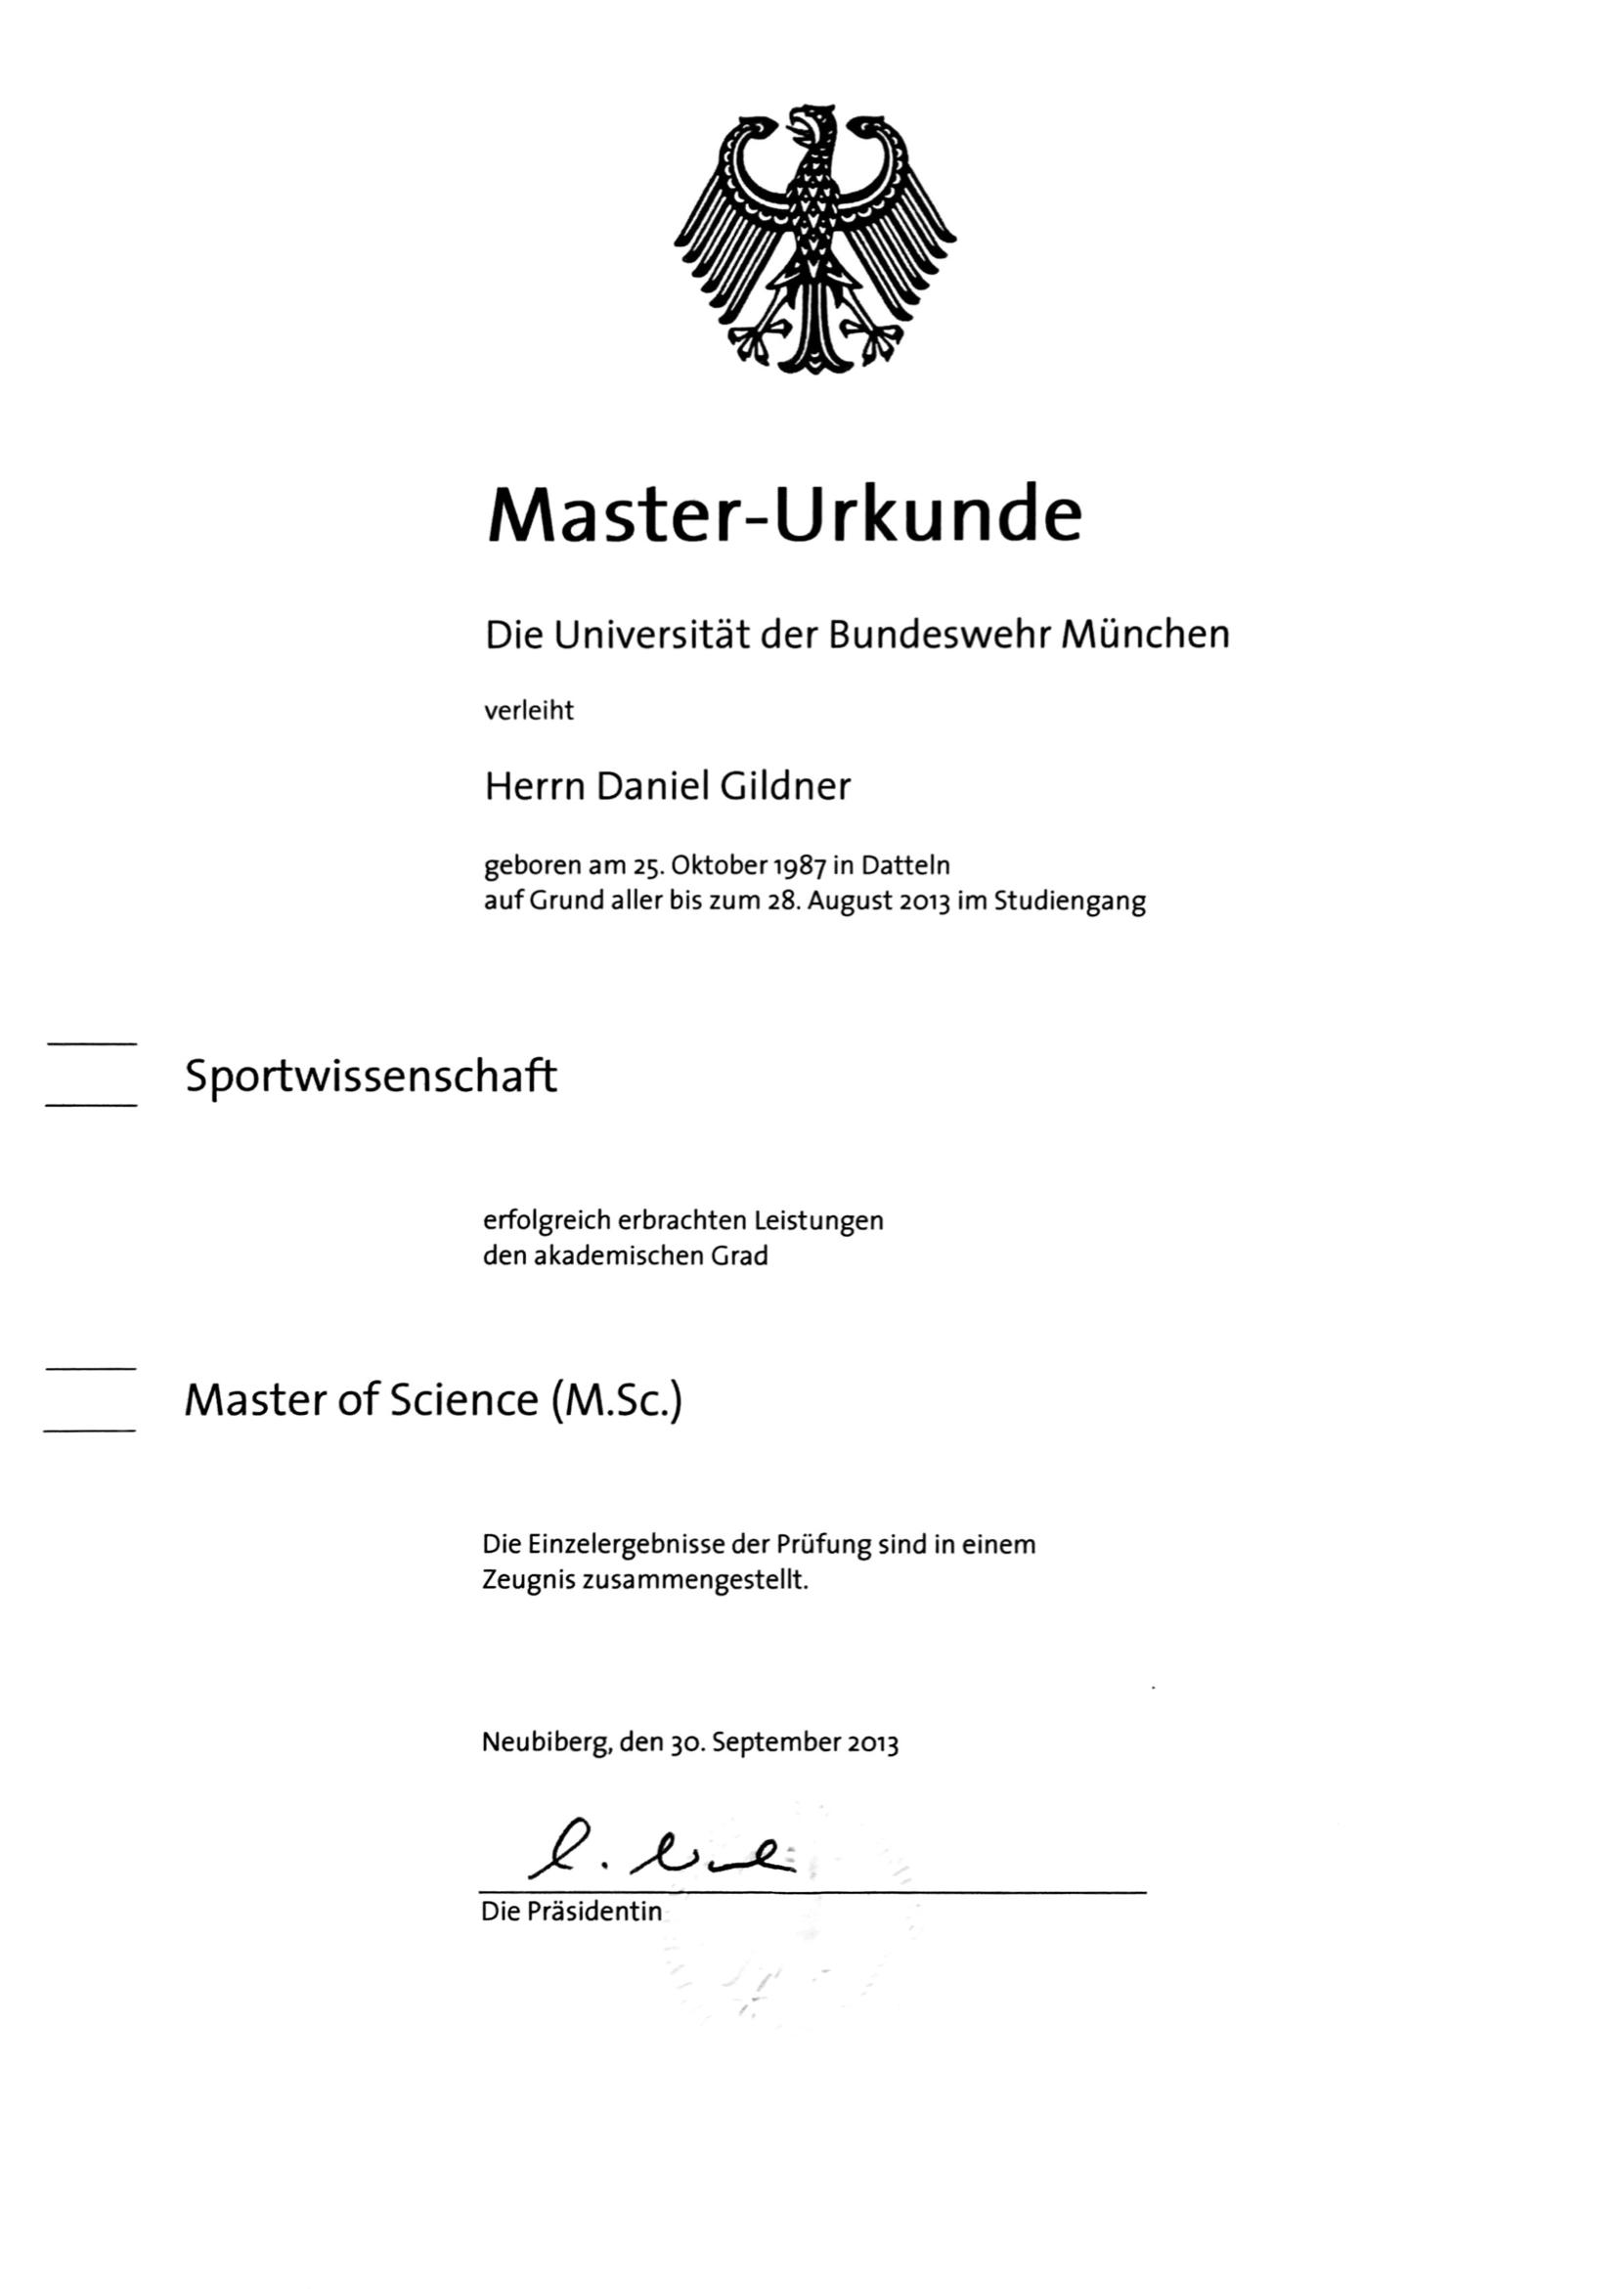 Master_Zeugnis_Studium.png